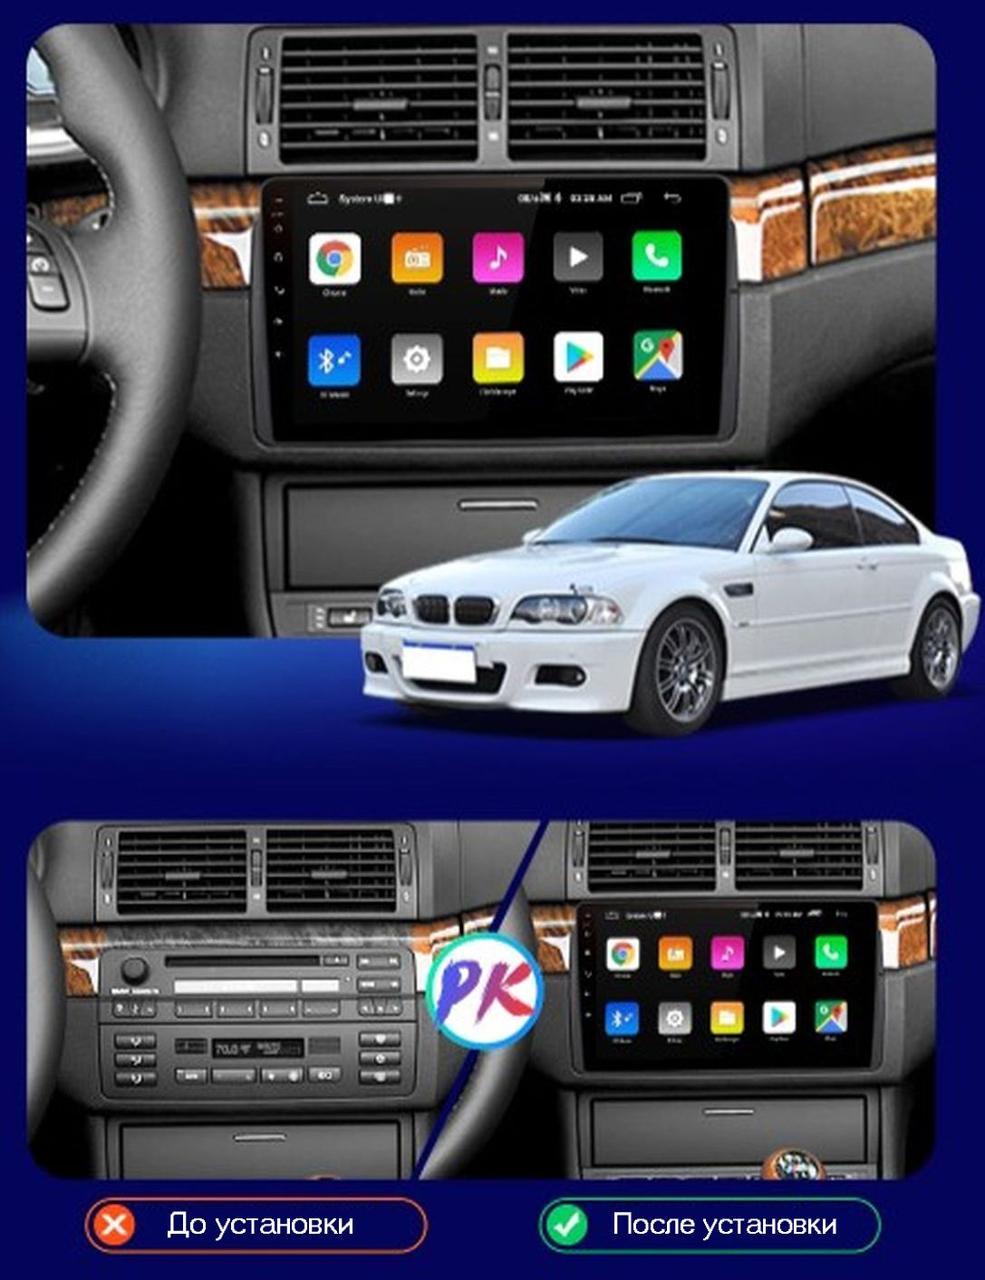 Штатна Android Штатна Android Магнітола на на BMW 3 Series E46 1999-2005 Model P6/P8-solution + canbus (М-БМВе3-9-Р8)